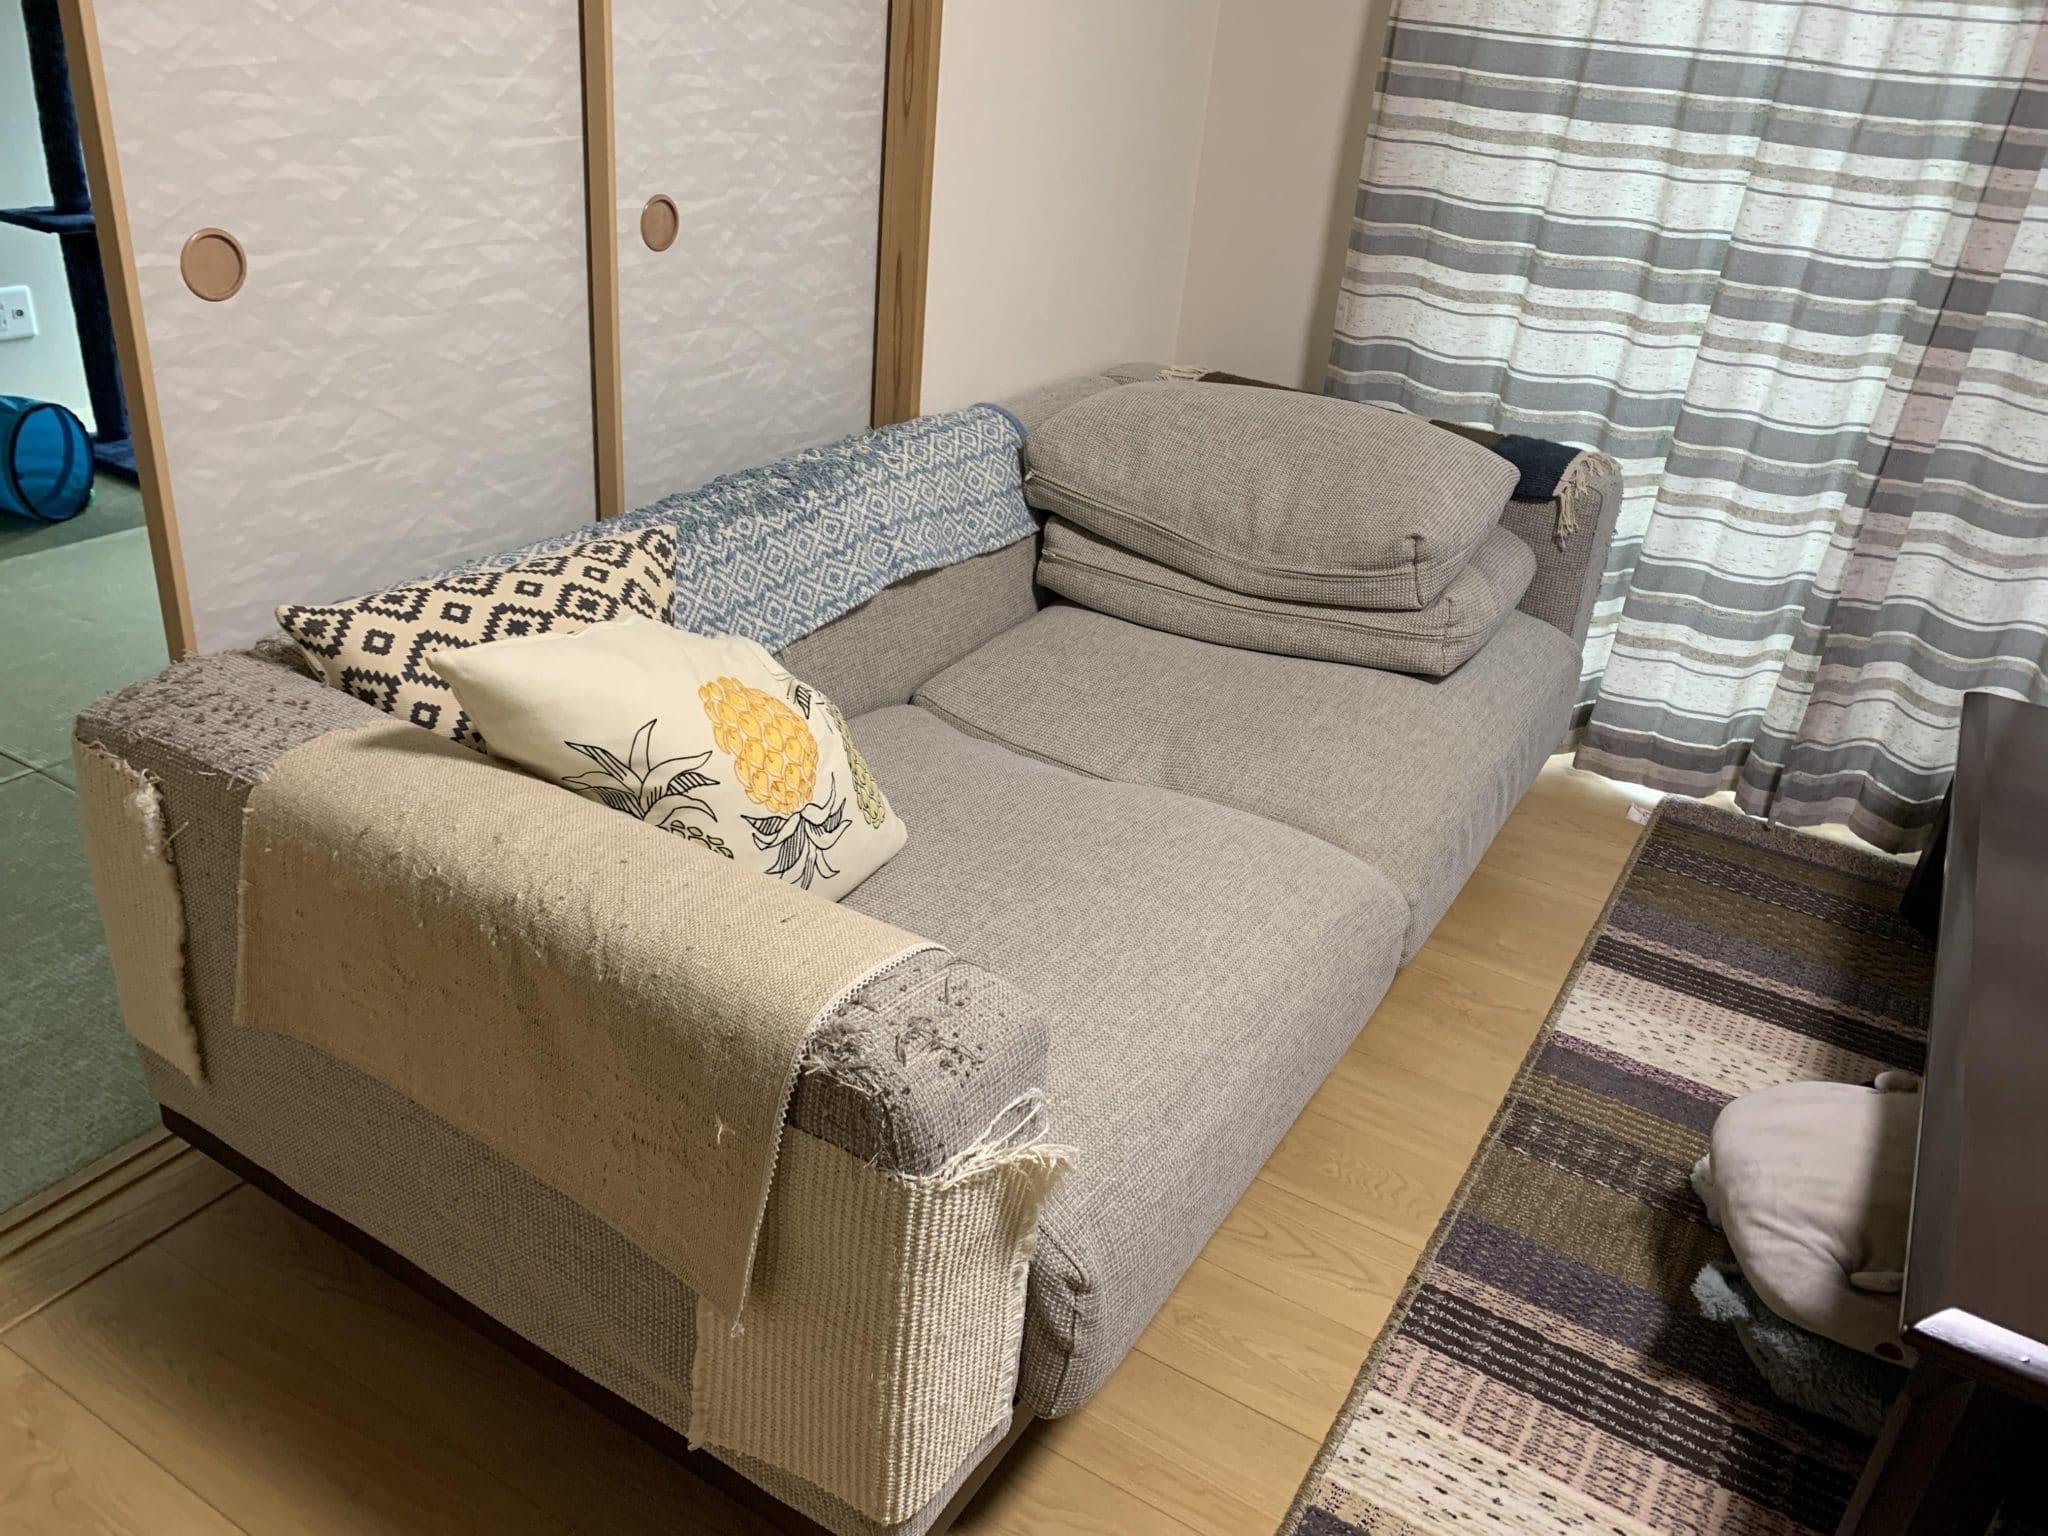 神奈川県横浜市でソファーを回収しました